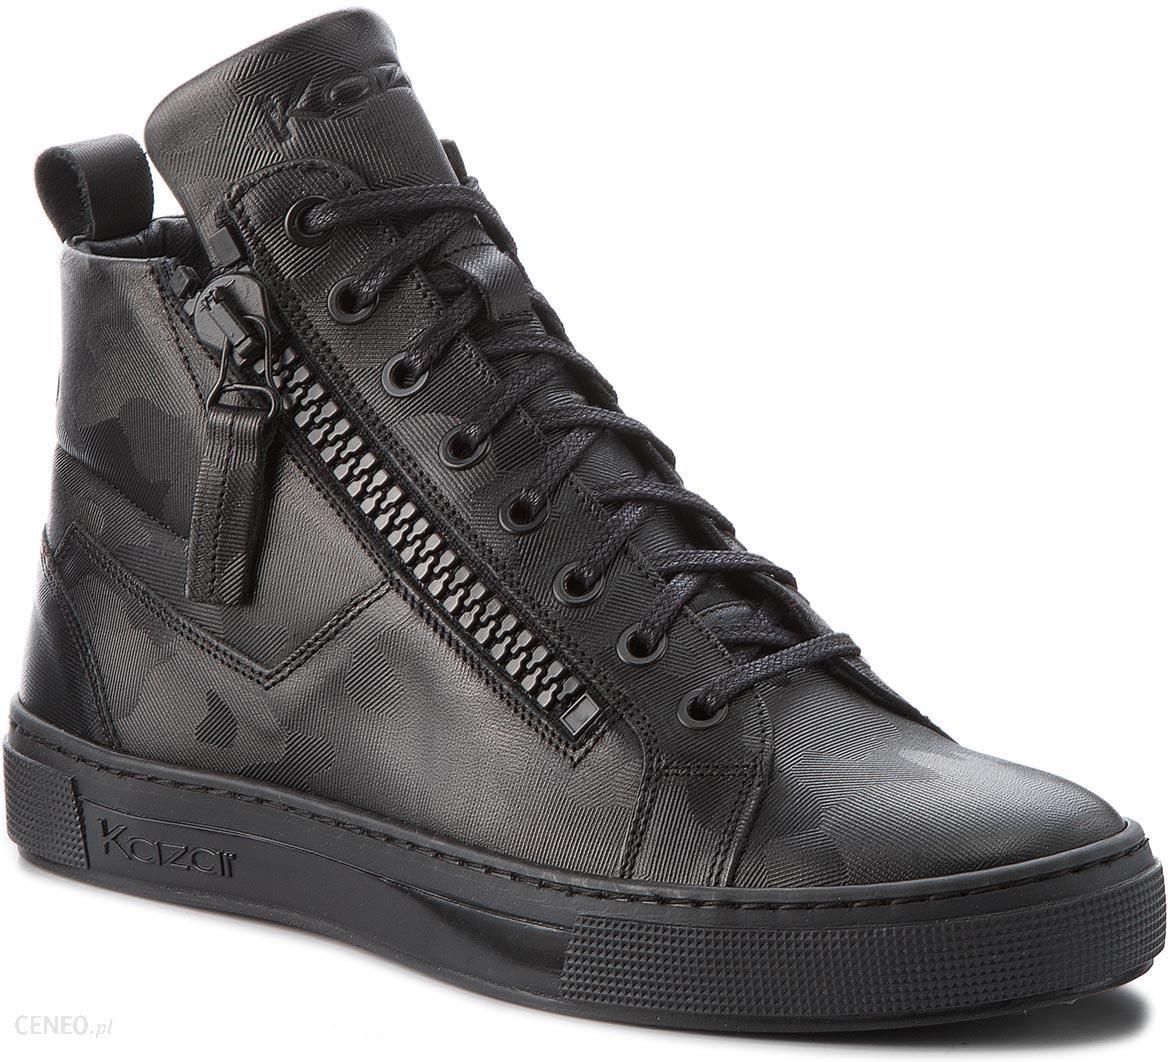 65ded422df04d Sneakersy KAZAR - Leon 36626-08-00 Czarny - Ceny i opinie - Ceneo.pl